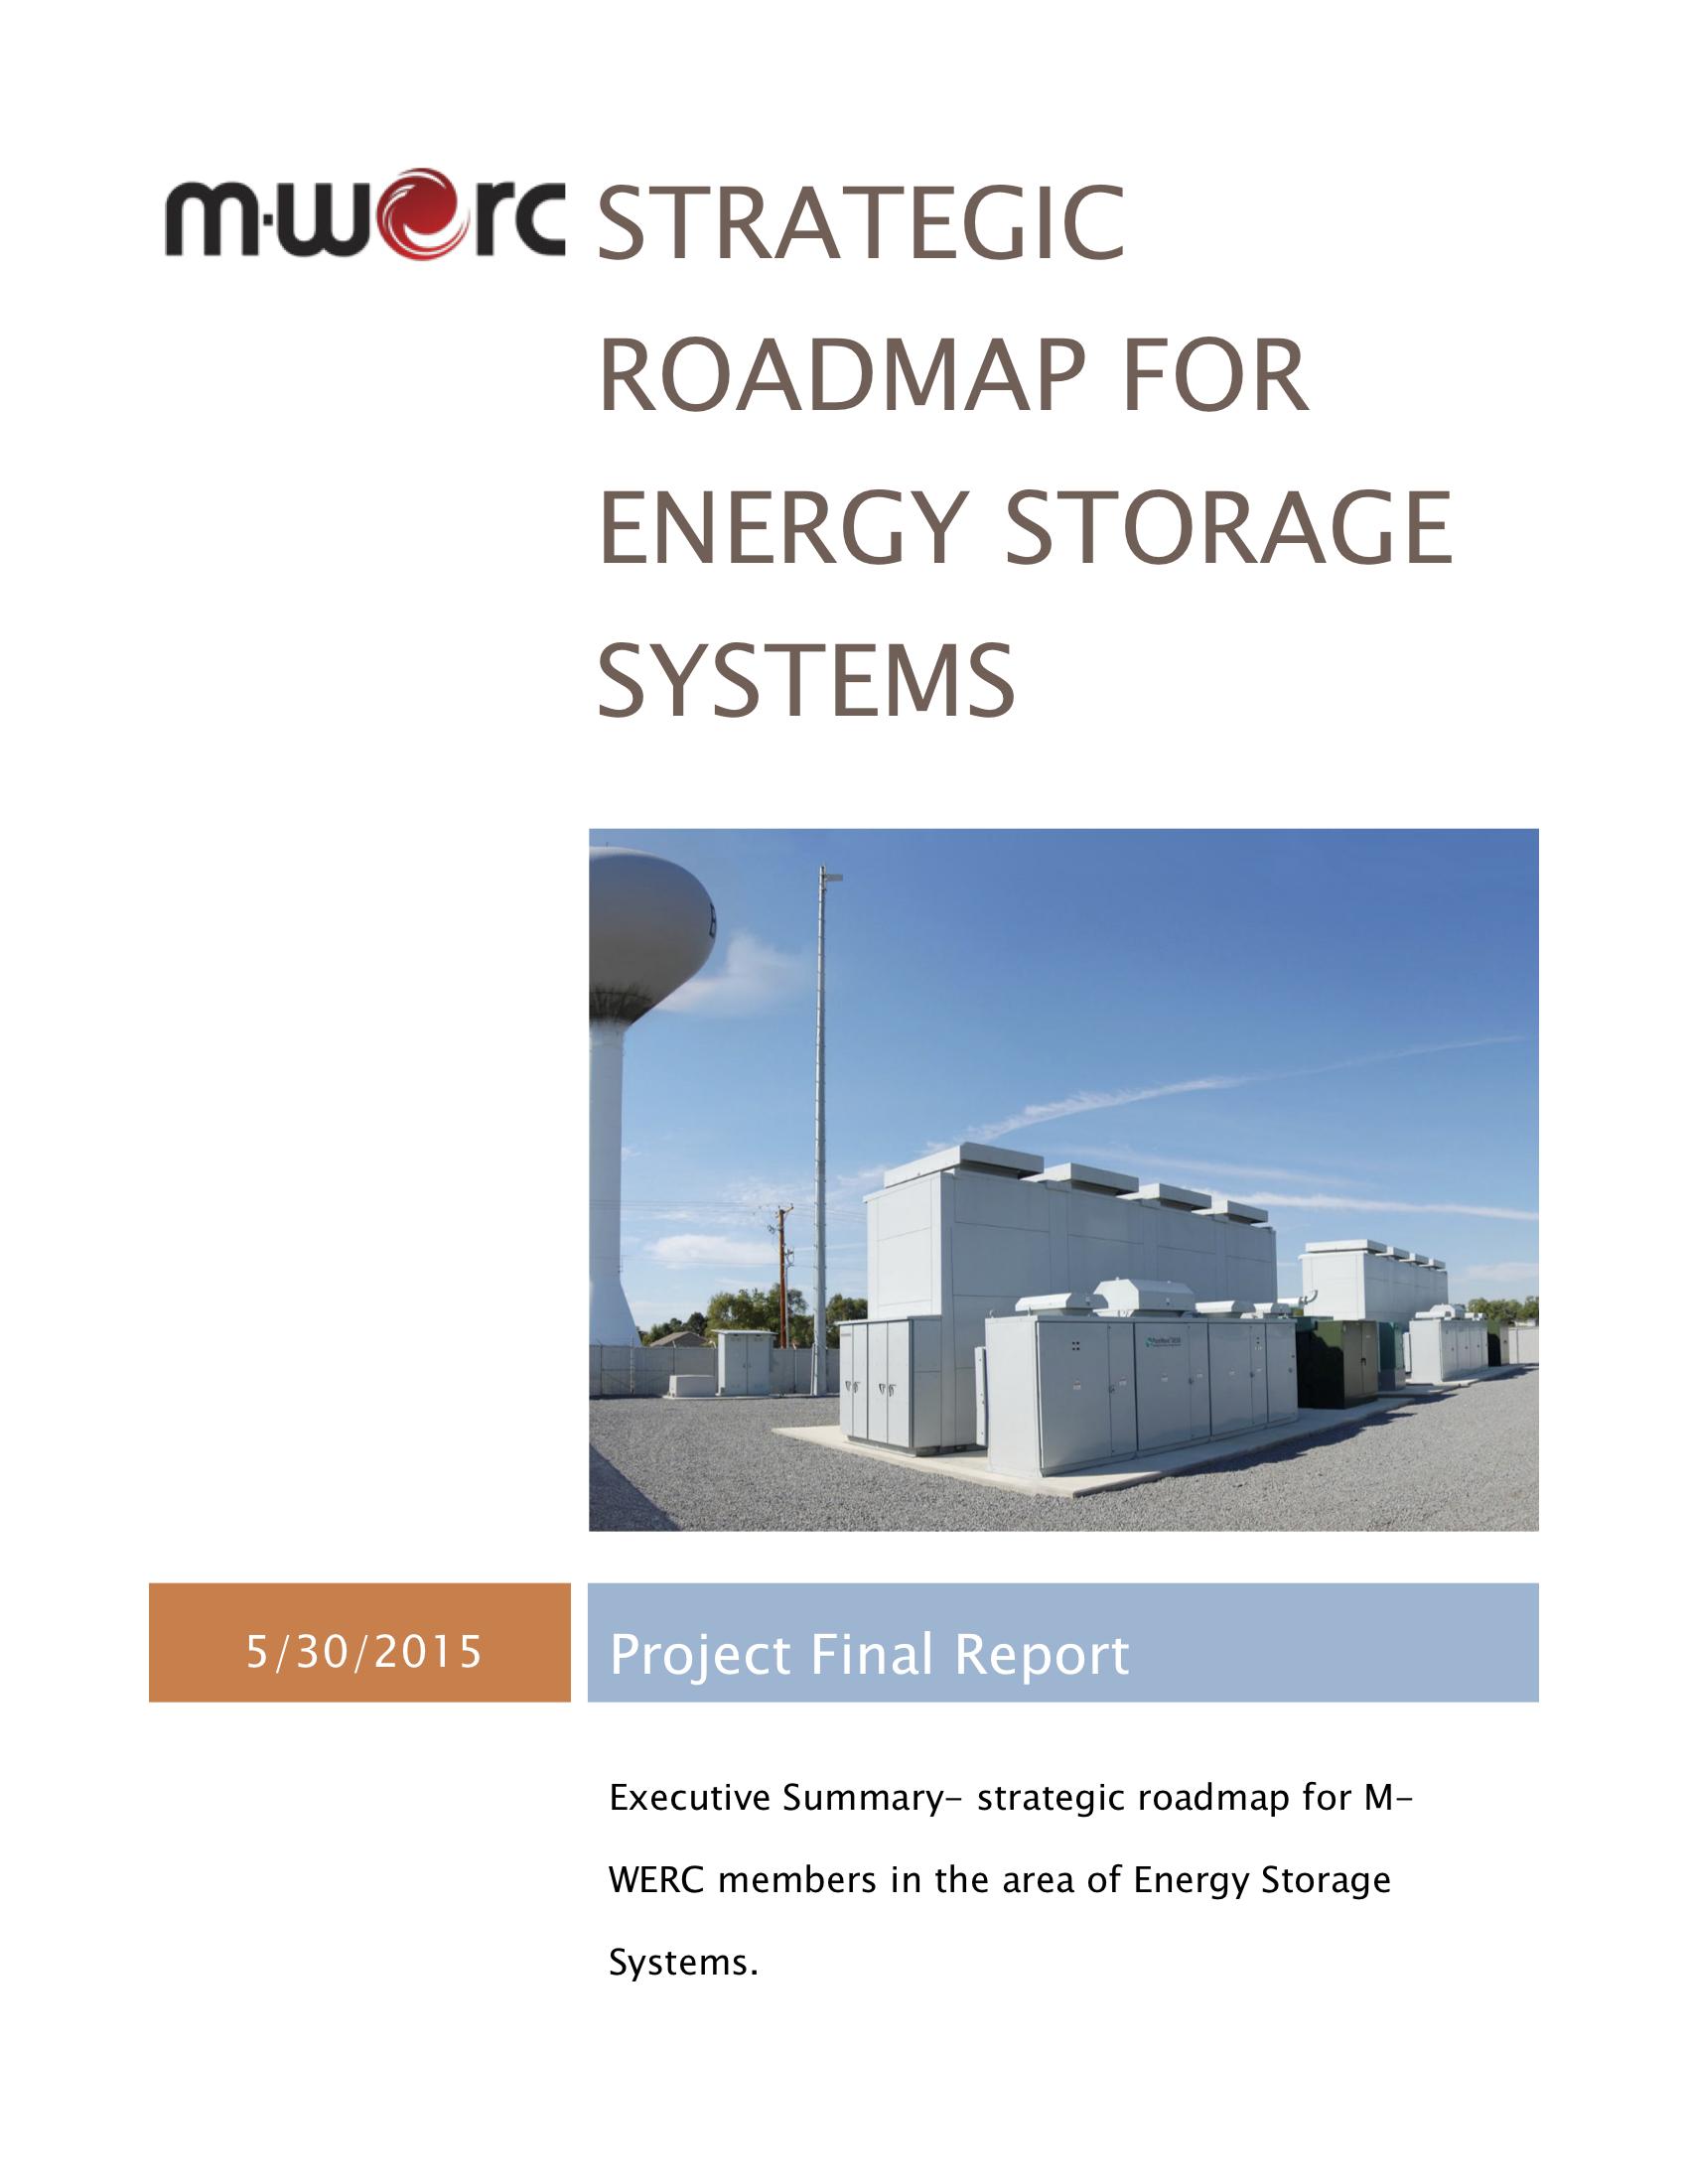 Energy Storage System Executive Summary